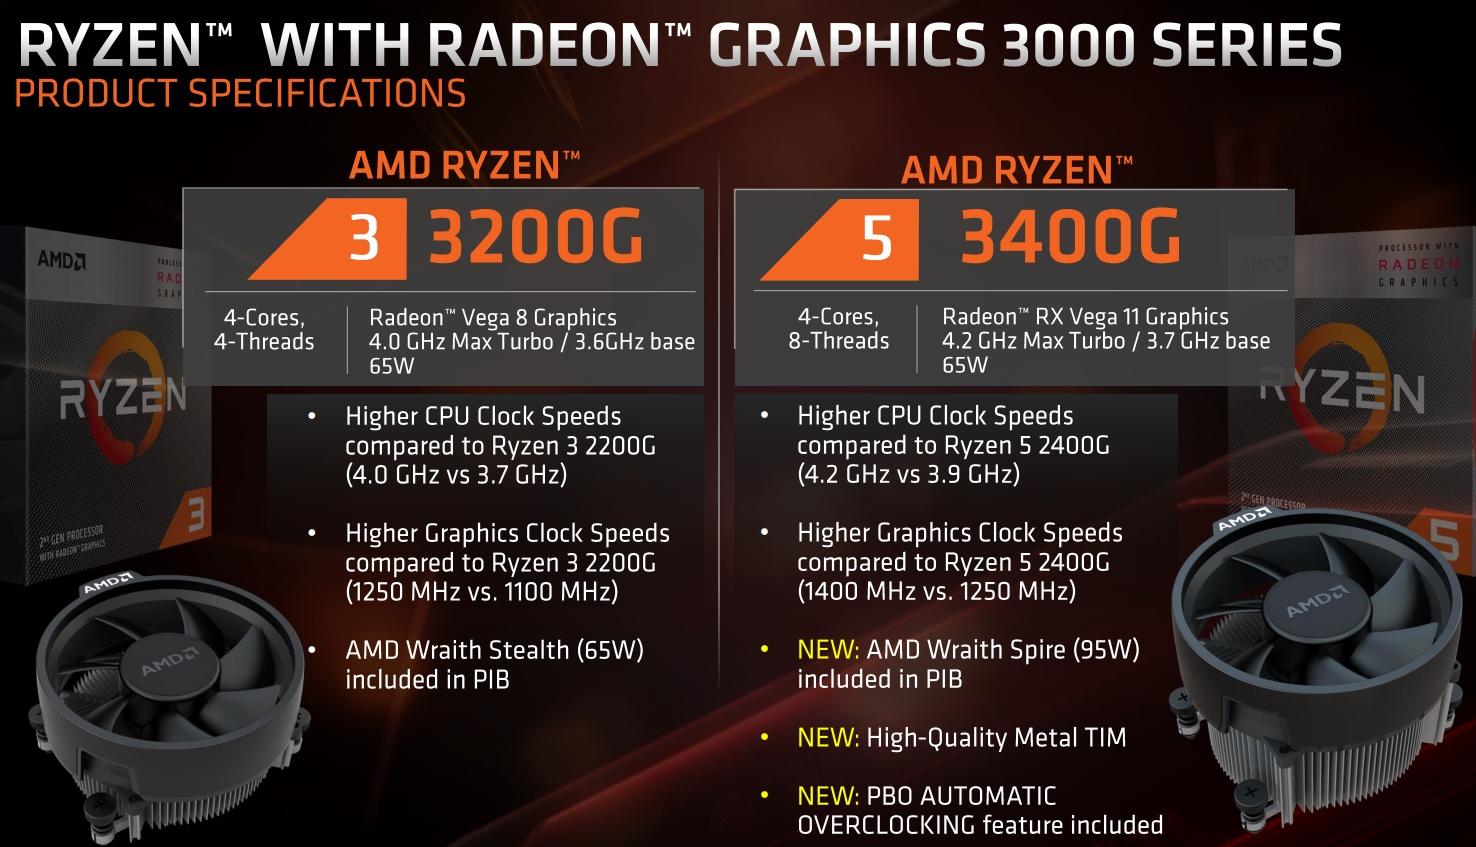 AMD Ryzen 5 / 3 2***G